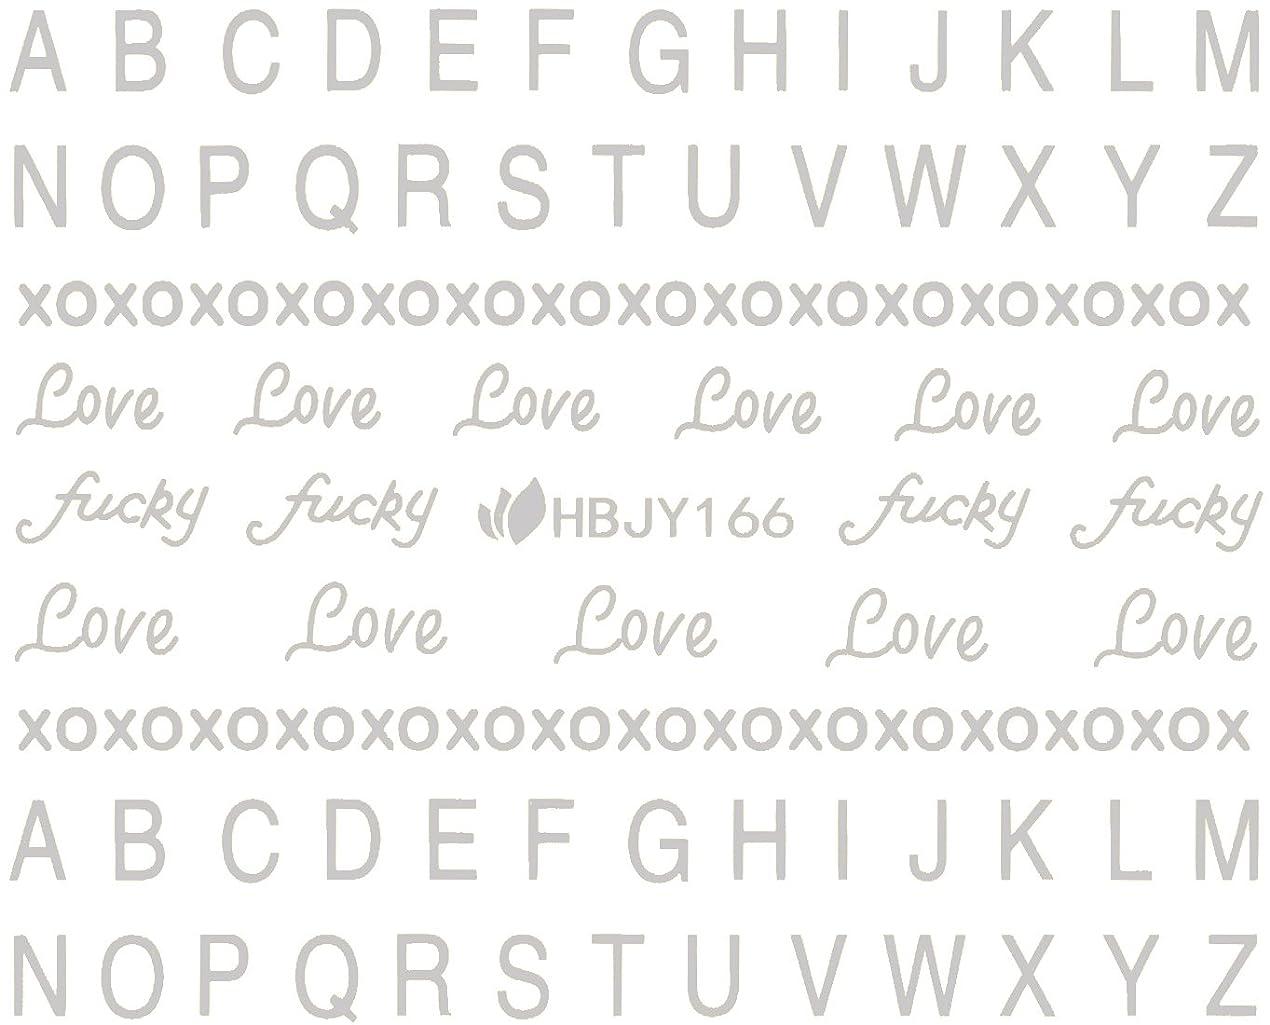 認知勧めるにやにやネイルシール アルファベット 文字 パート2 ブラック/ホワイト/ゴールド/シルバー 選べる44種 (シルバーSP, 29)